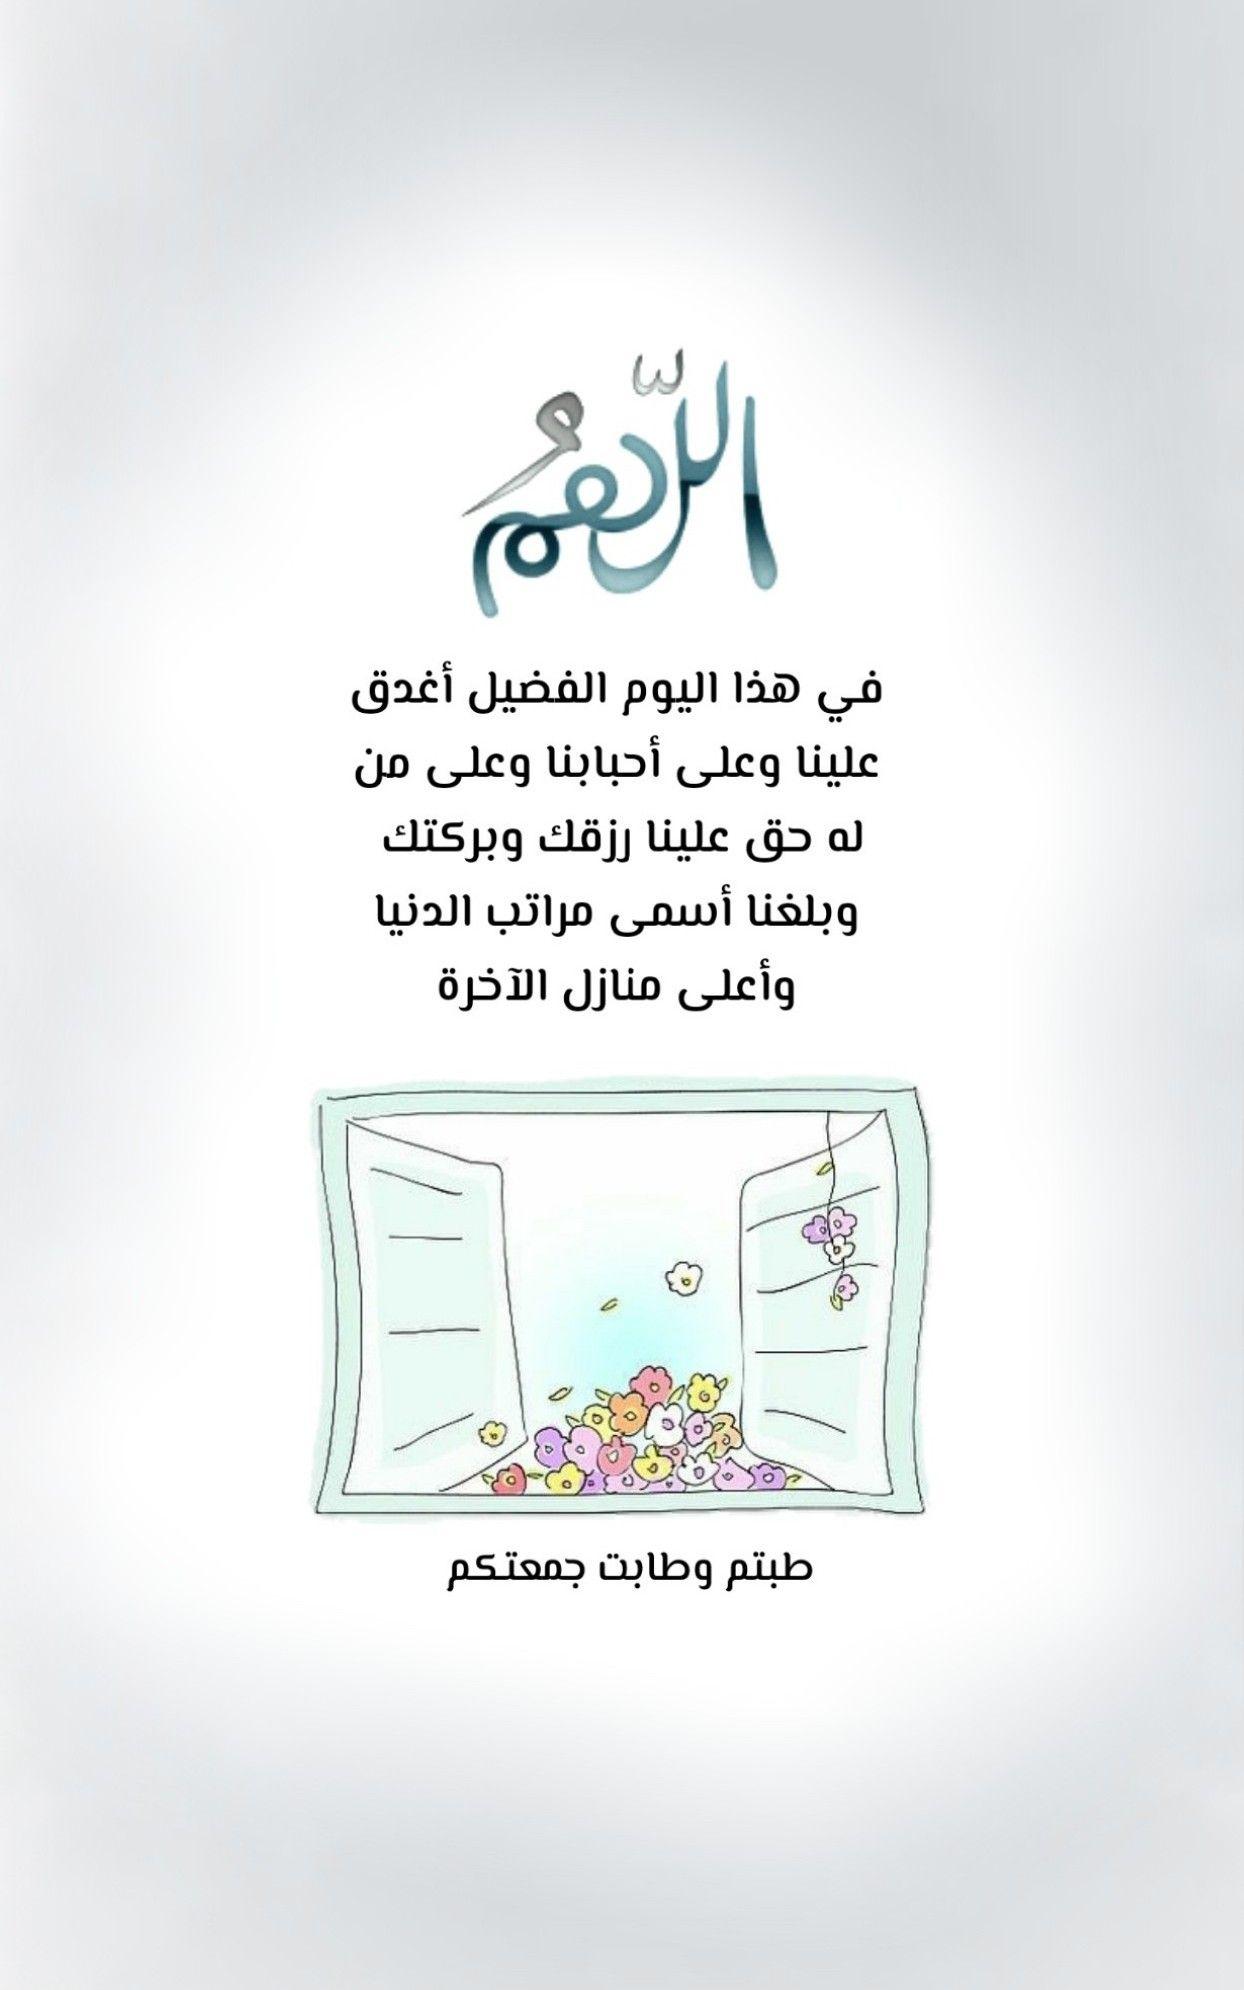 الله م في هذا اليوم الفضيل أغدق علينا وعلى أحبابنا وعلى من له حق علينا رزقك وبركتك وبلغنا أس Quran Quotes Love Quran Quotes Inspirational Quran Quotes